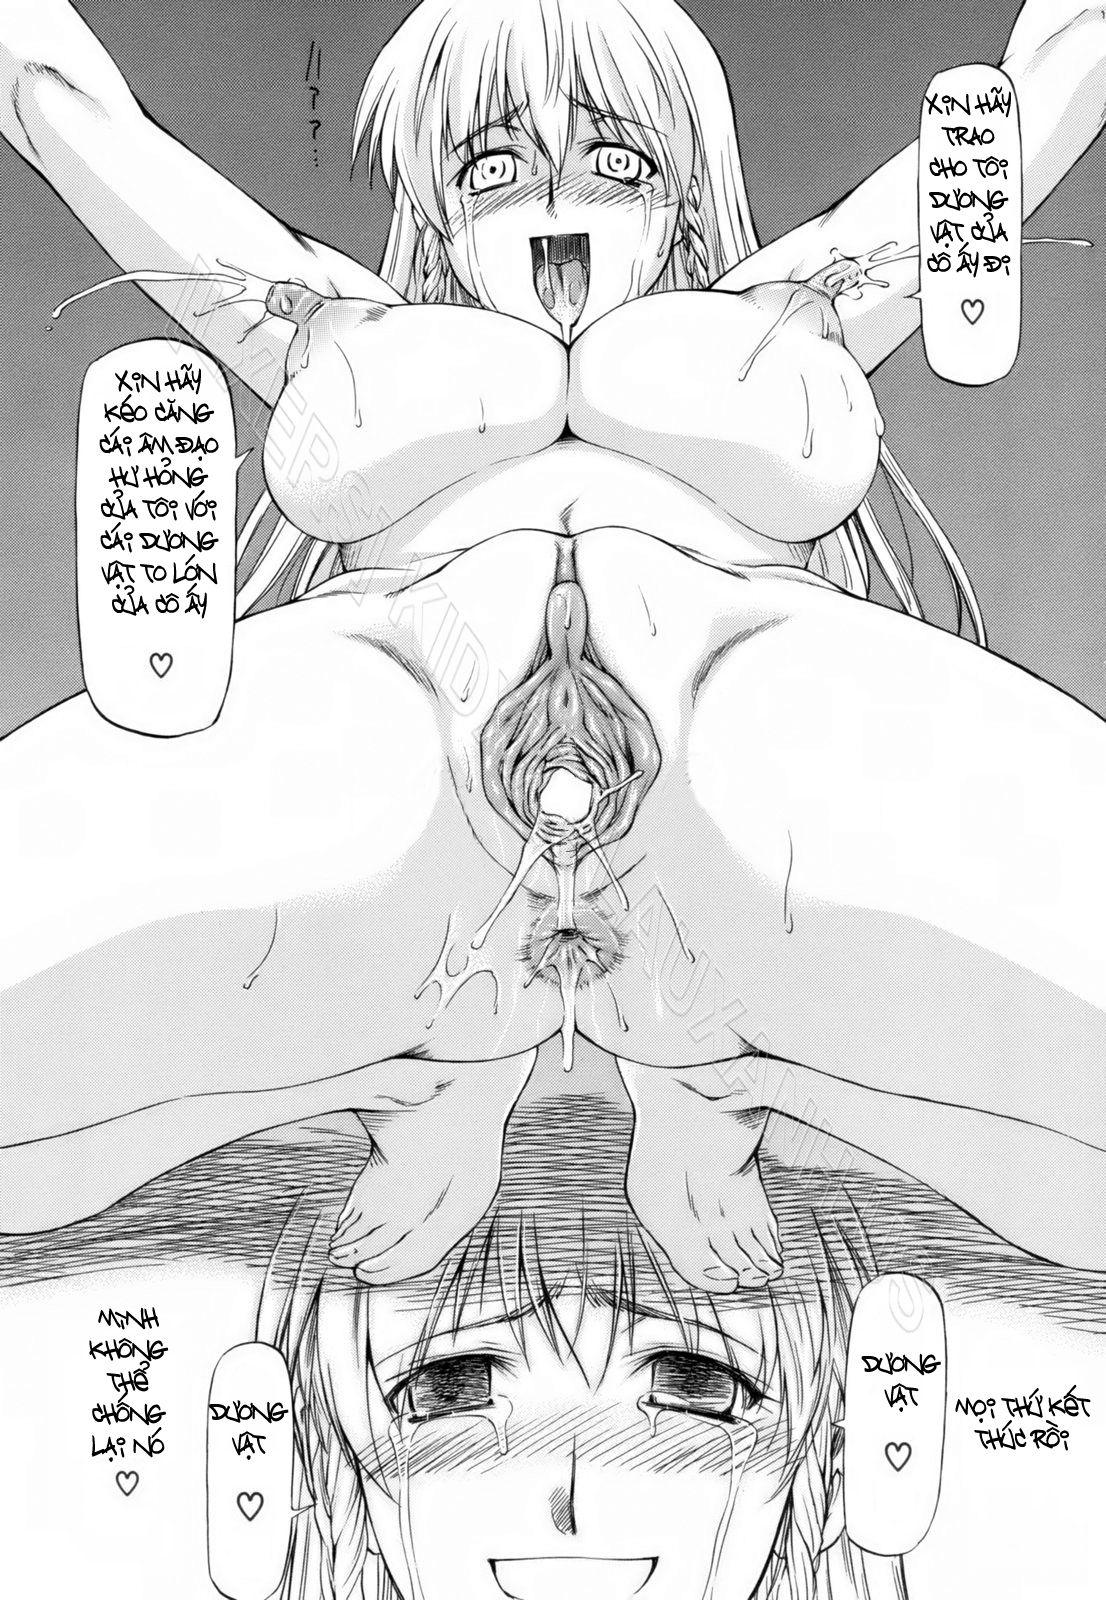 Hình ảnh Hinh_024 trong bài viết Truyện tranh hentai không che: Parabellum